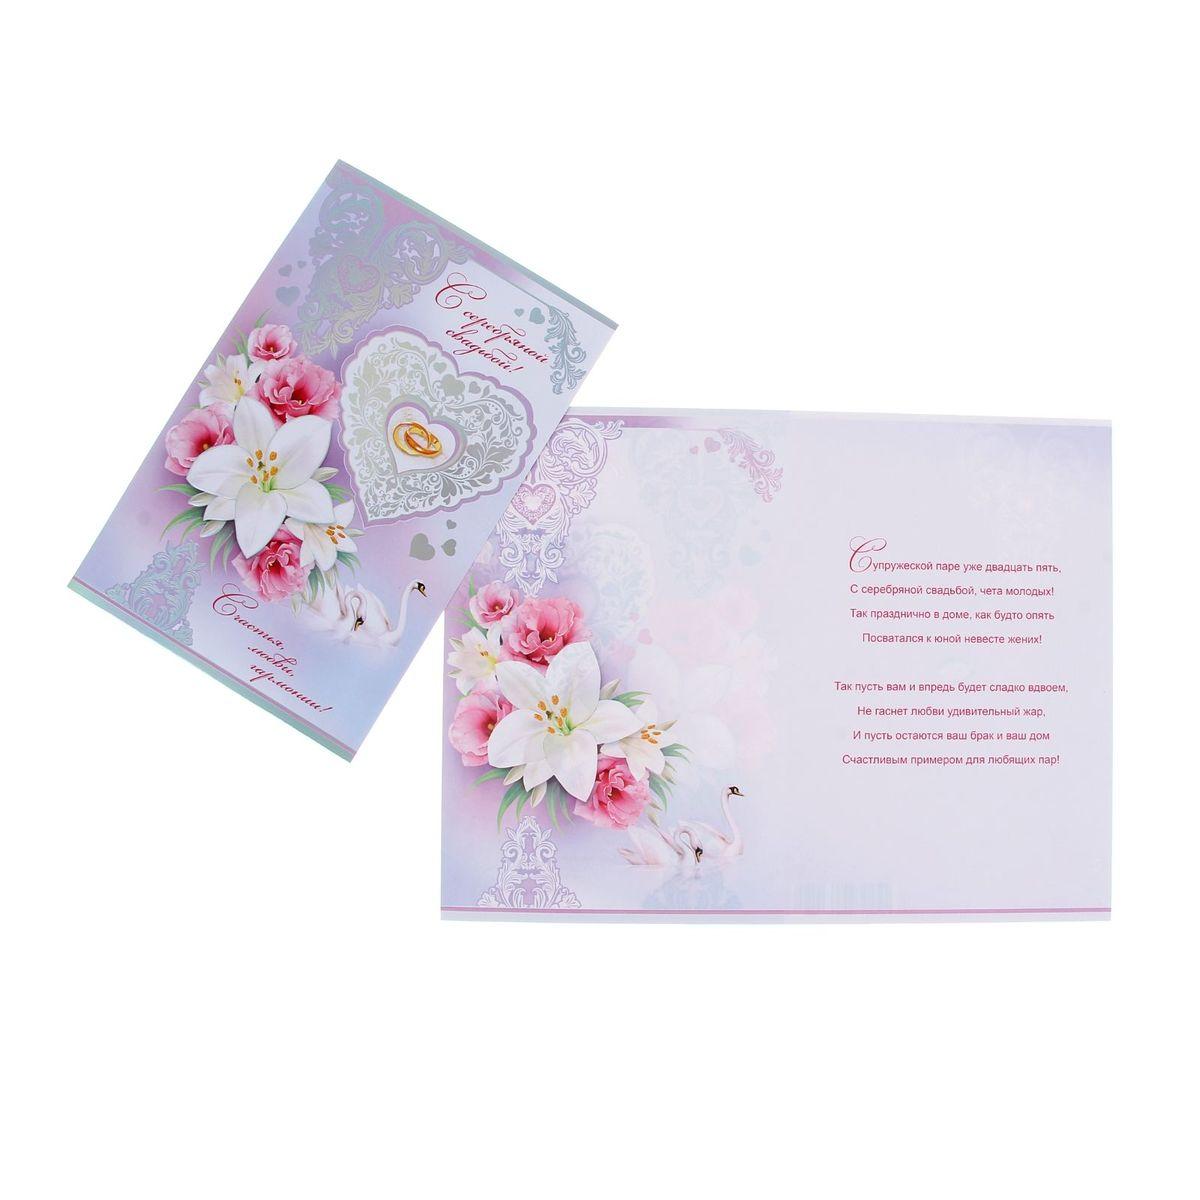 Открытка Мир открыток С серебряной свадьбой!UP210DFЕсли вы хотите порадовать себя или близких, создать праздничное настроение и с улыбкой провести памятный день, то вы, несомненно, сделали правильный выбор! Открытка Мир открыток С серебряной свадьбой!, выполненная из картона, отличается не только оригинальным дизайном, но и высоким качеством.Лицевая сторона изделия оформлена красивым изображением цветов, лебедей и колец, а также красивым узором. Внутри открытка содержит текст с поздравлением.Такая открытка непременно порадует получателя и станет отличным напоминанием о проведенном вместе времени.